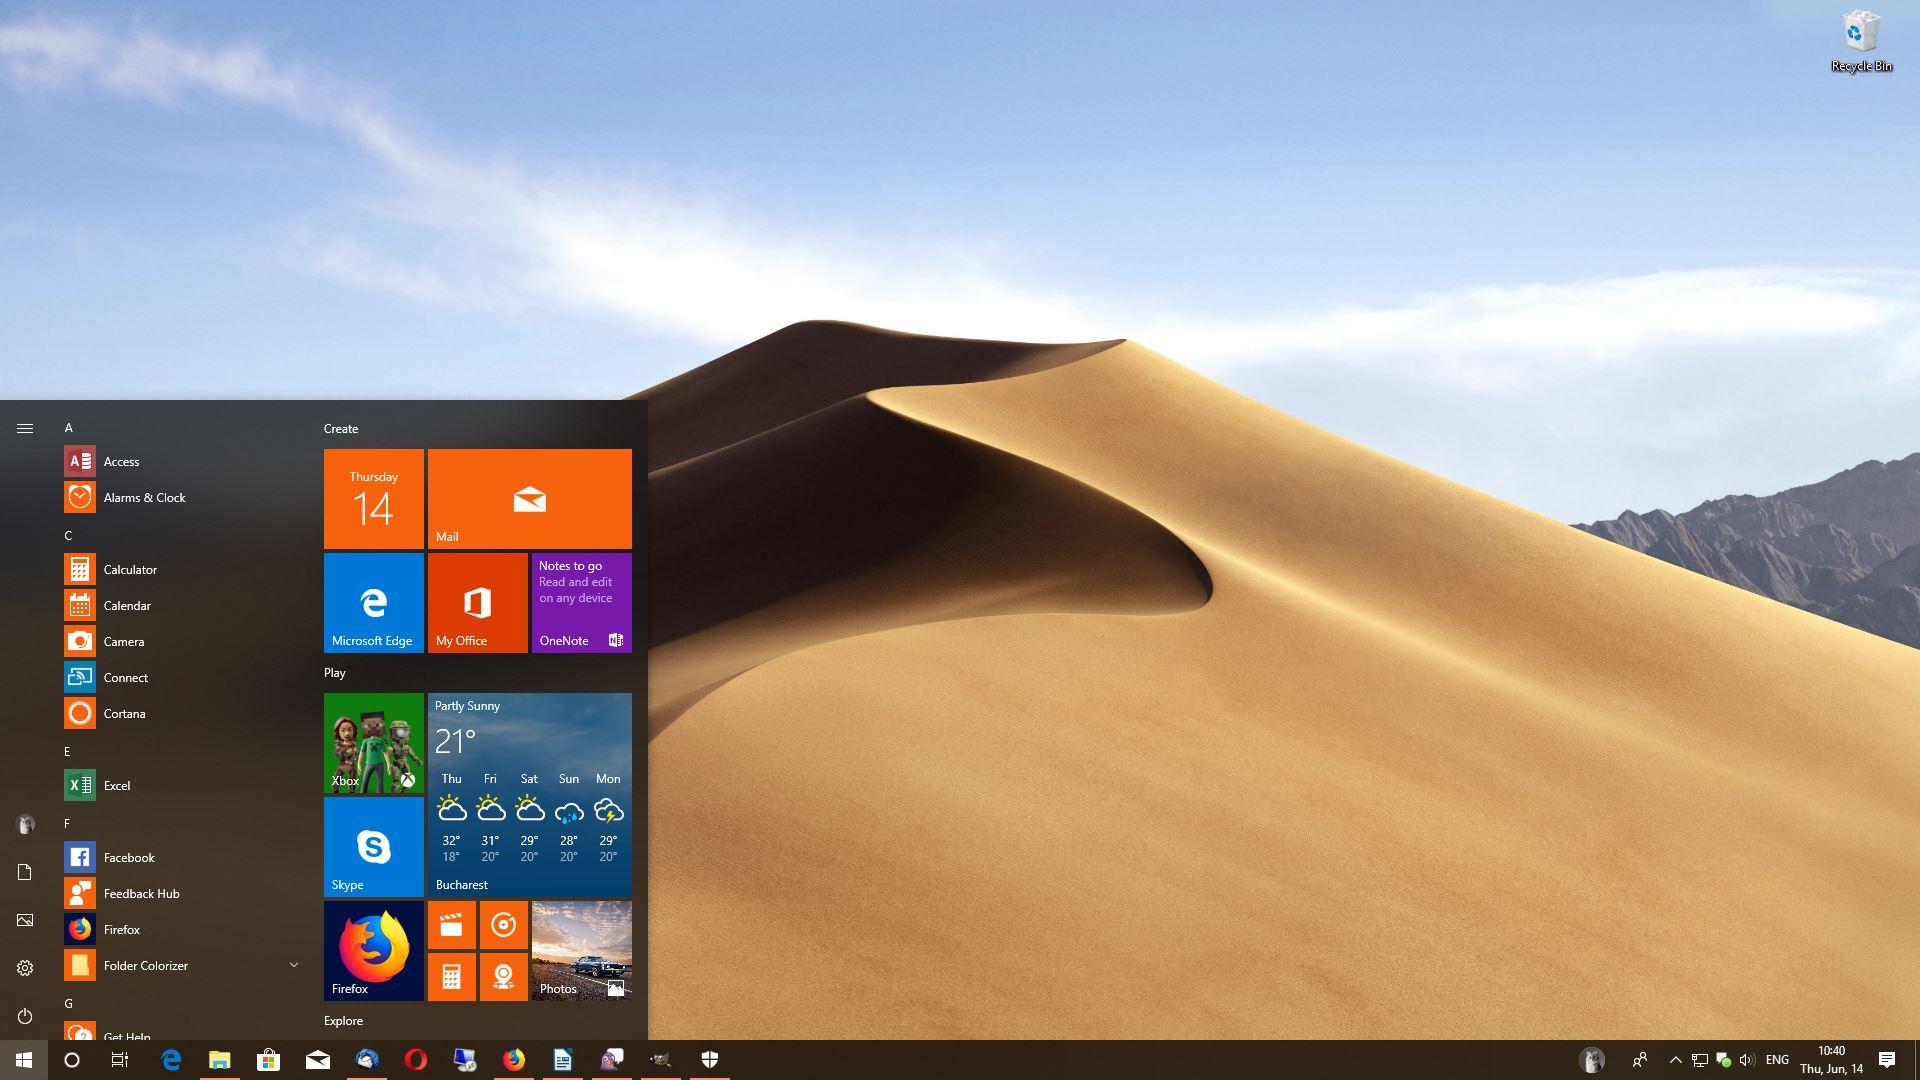 WinDynamicDesktop On Windows 10